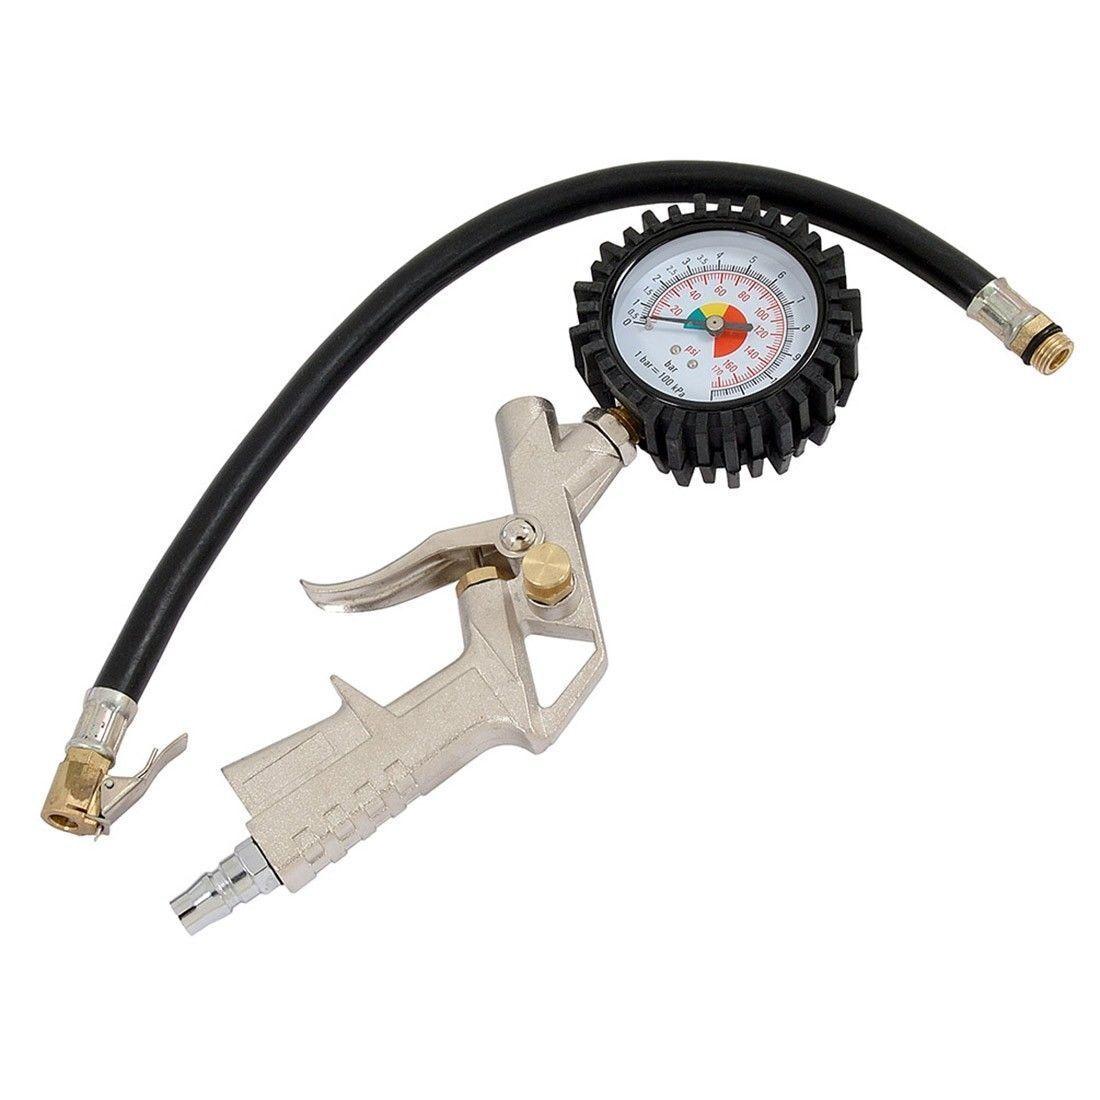 New 220psi Car Vehicle Bike Tire Tyre Inflator Gun Gauge Air Pressure Compressor Air Compressor Accessories